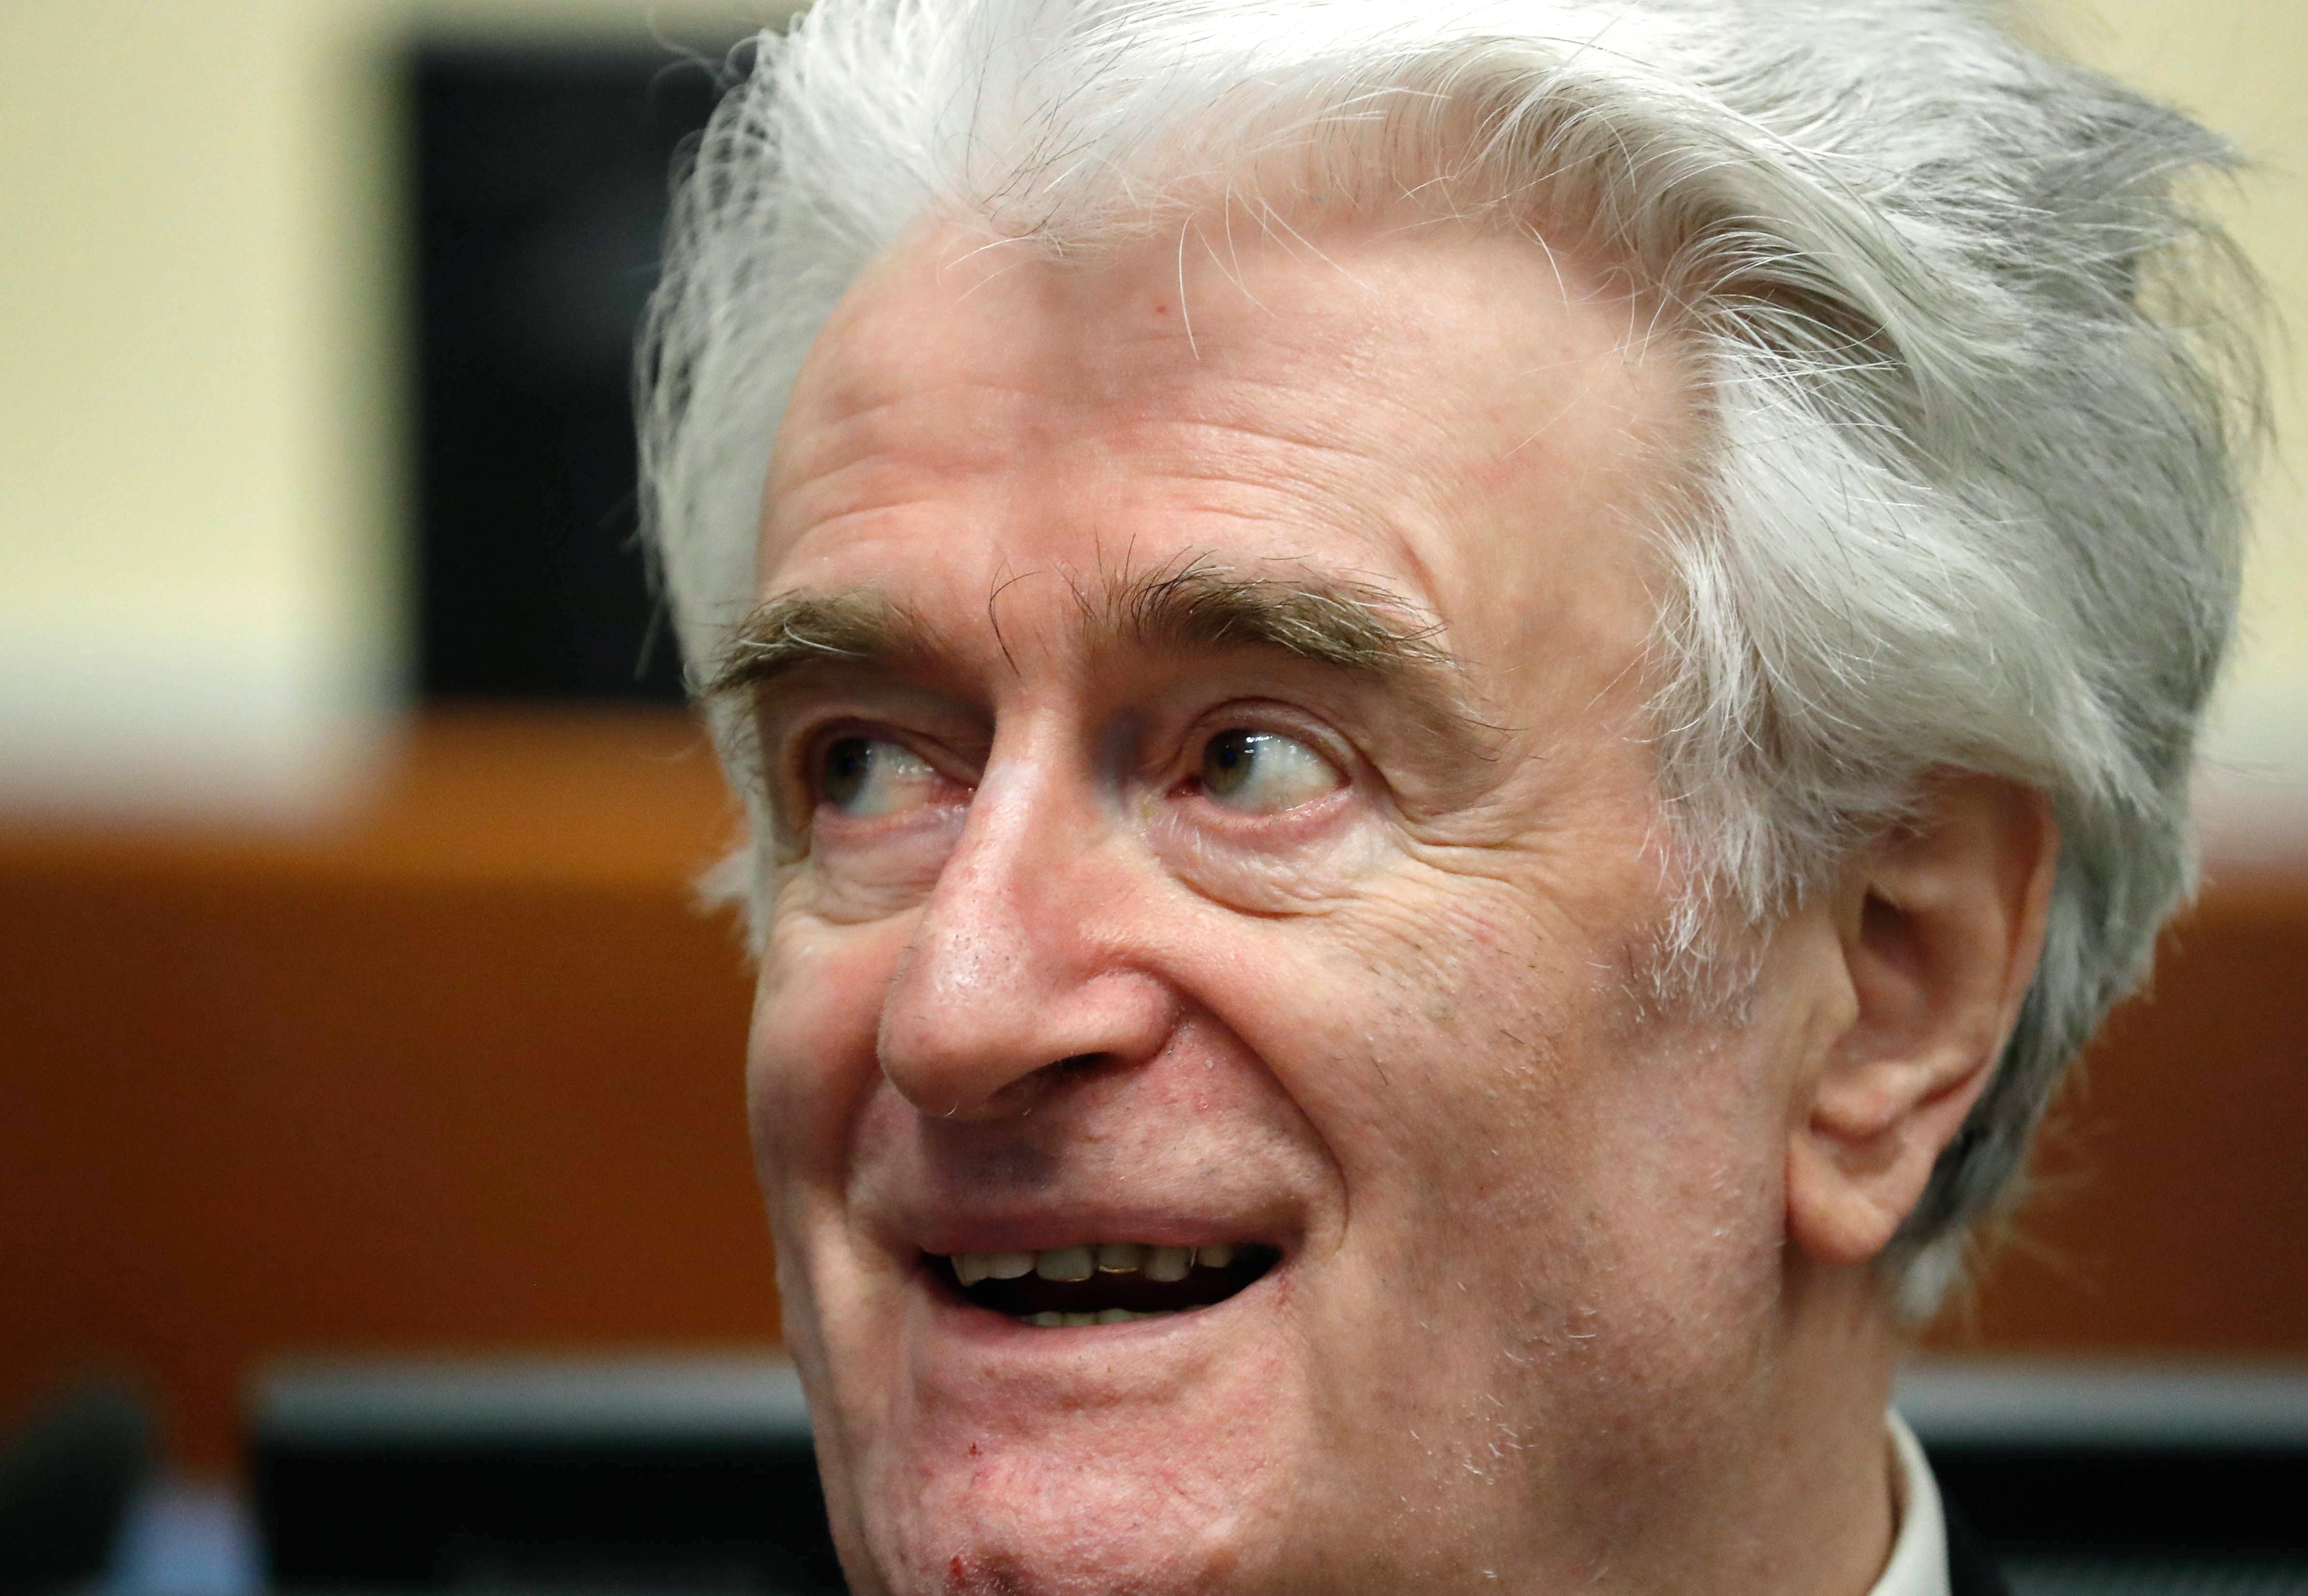 Életfogytiglani börtönt kért a hágai ügyészség Radovan Karadzicra